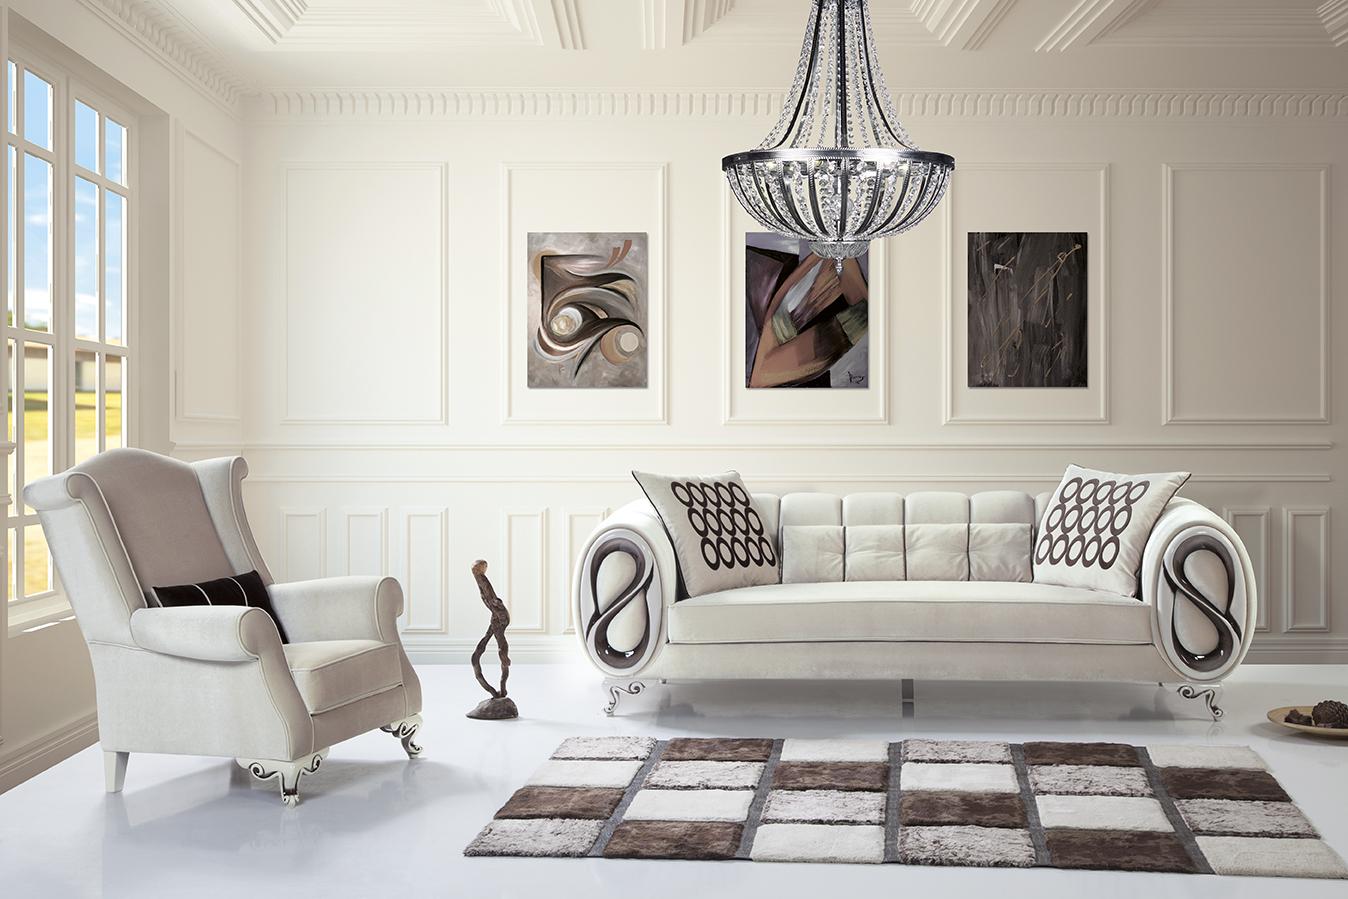 3-furniture-from-turkey-turkish-furniture-manufacturers-turkey-furniture-im4